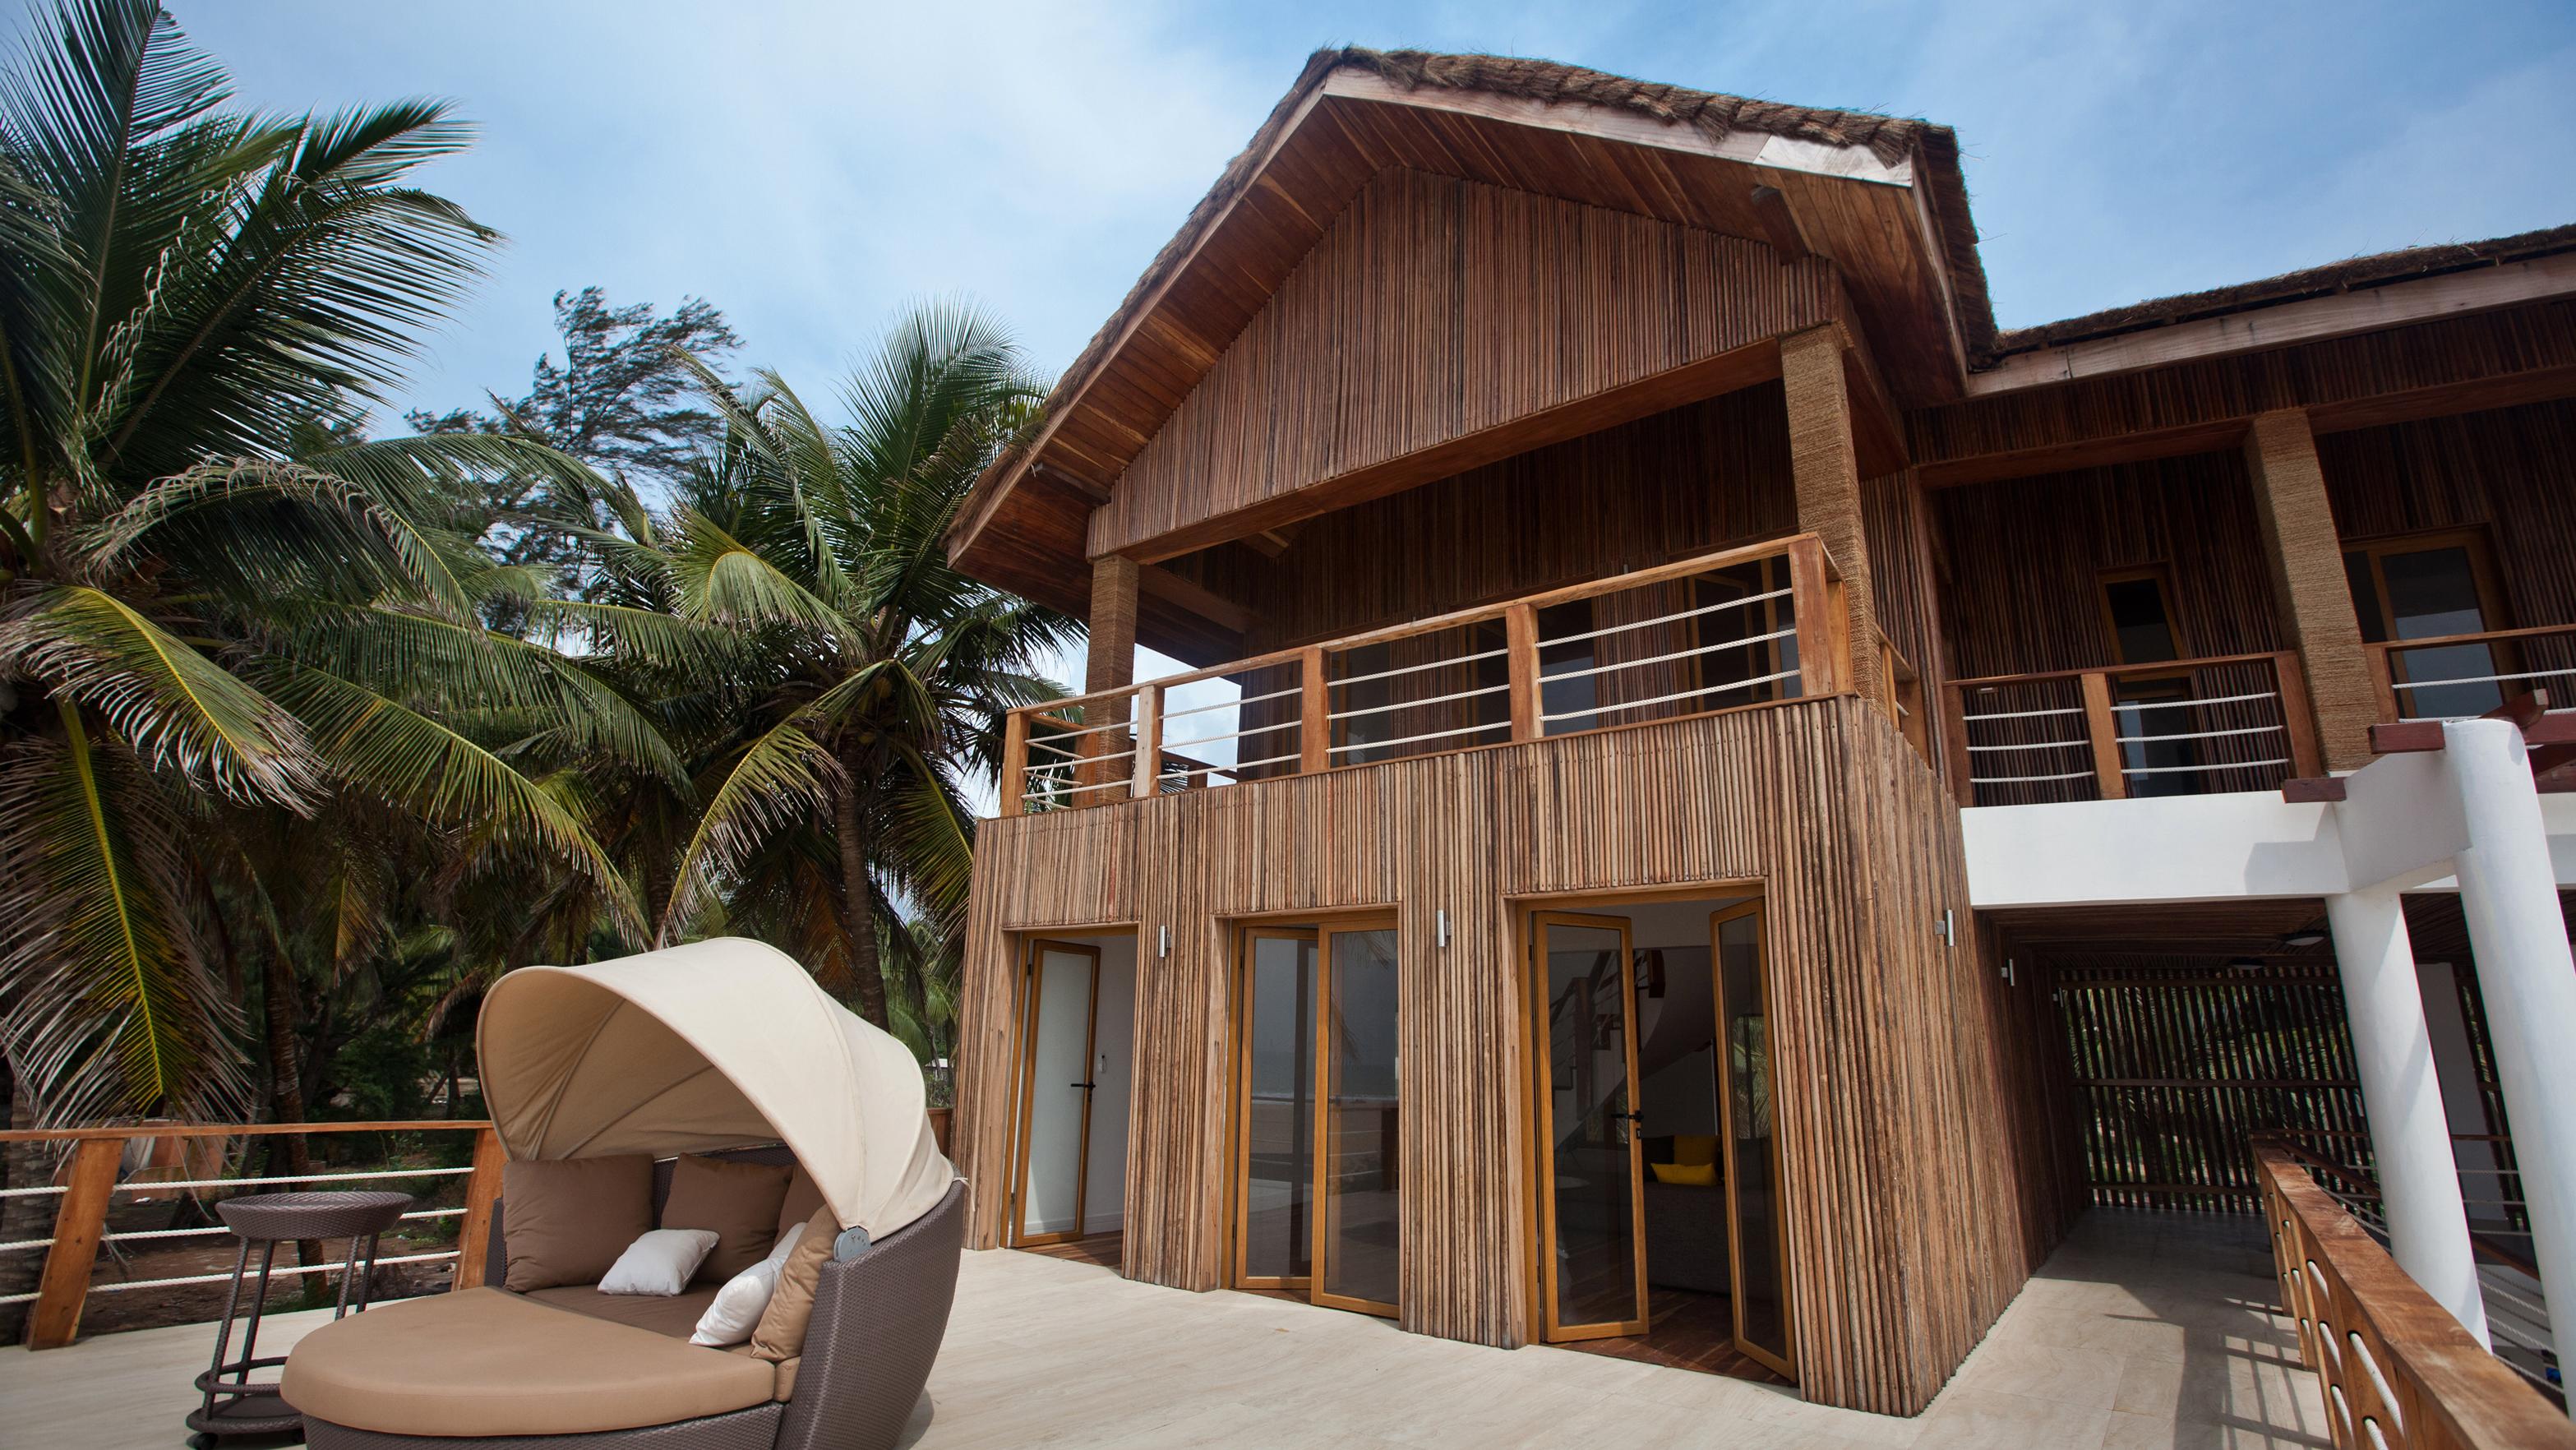 PRIVATE BEACH HOUSE 8